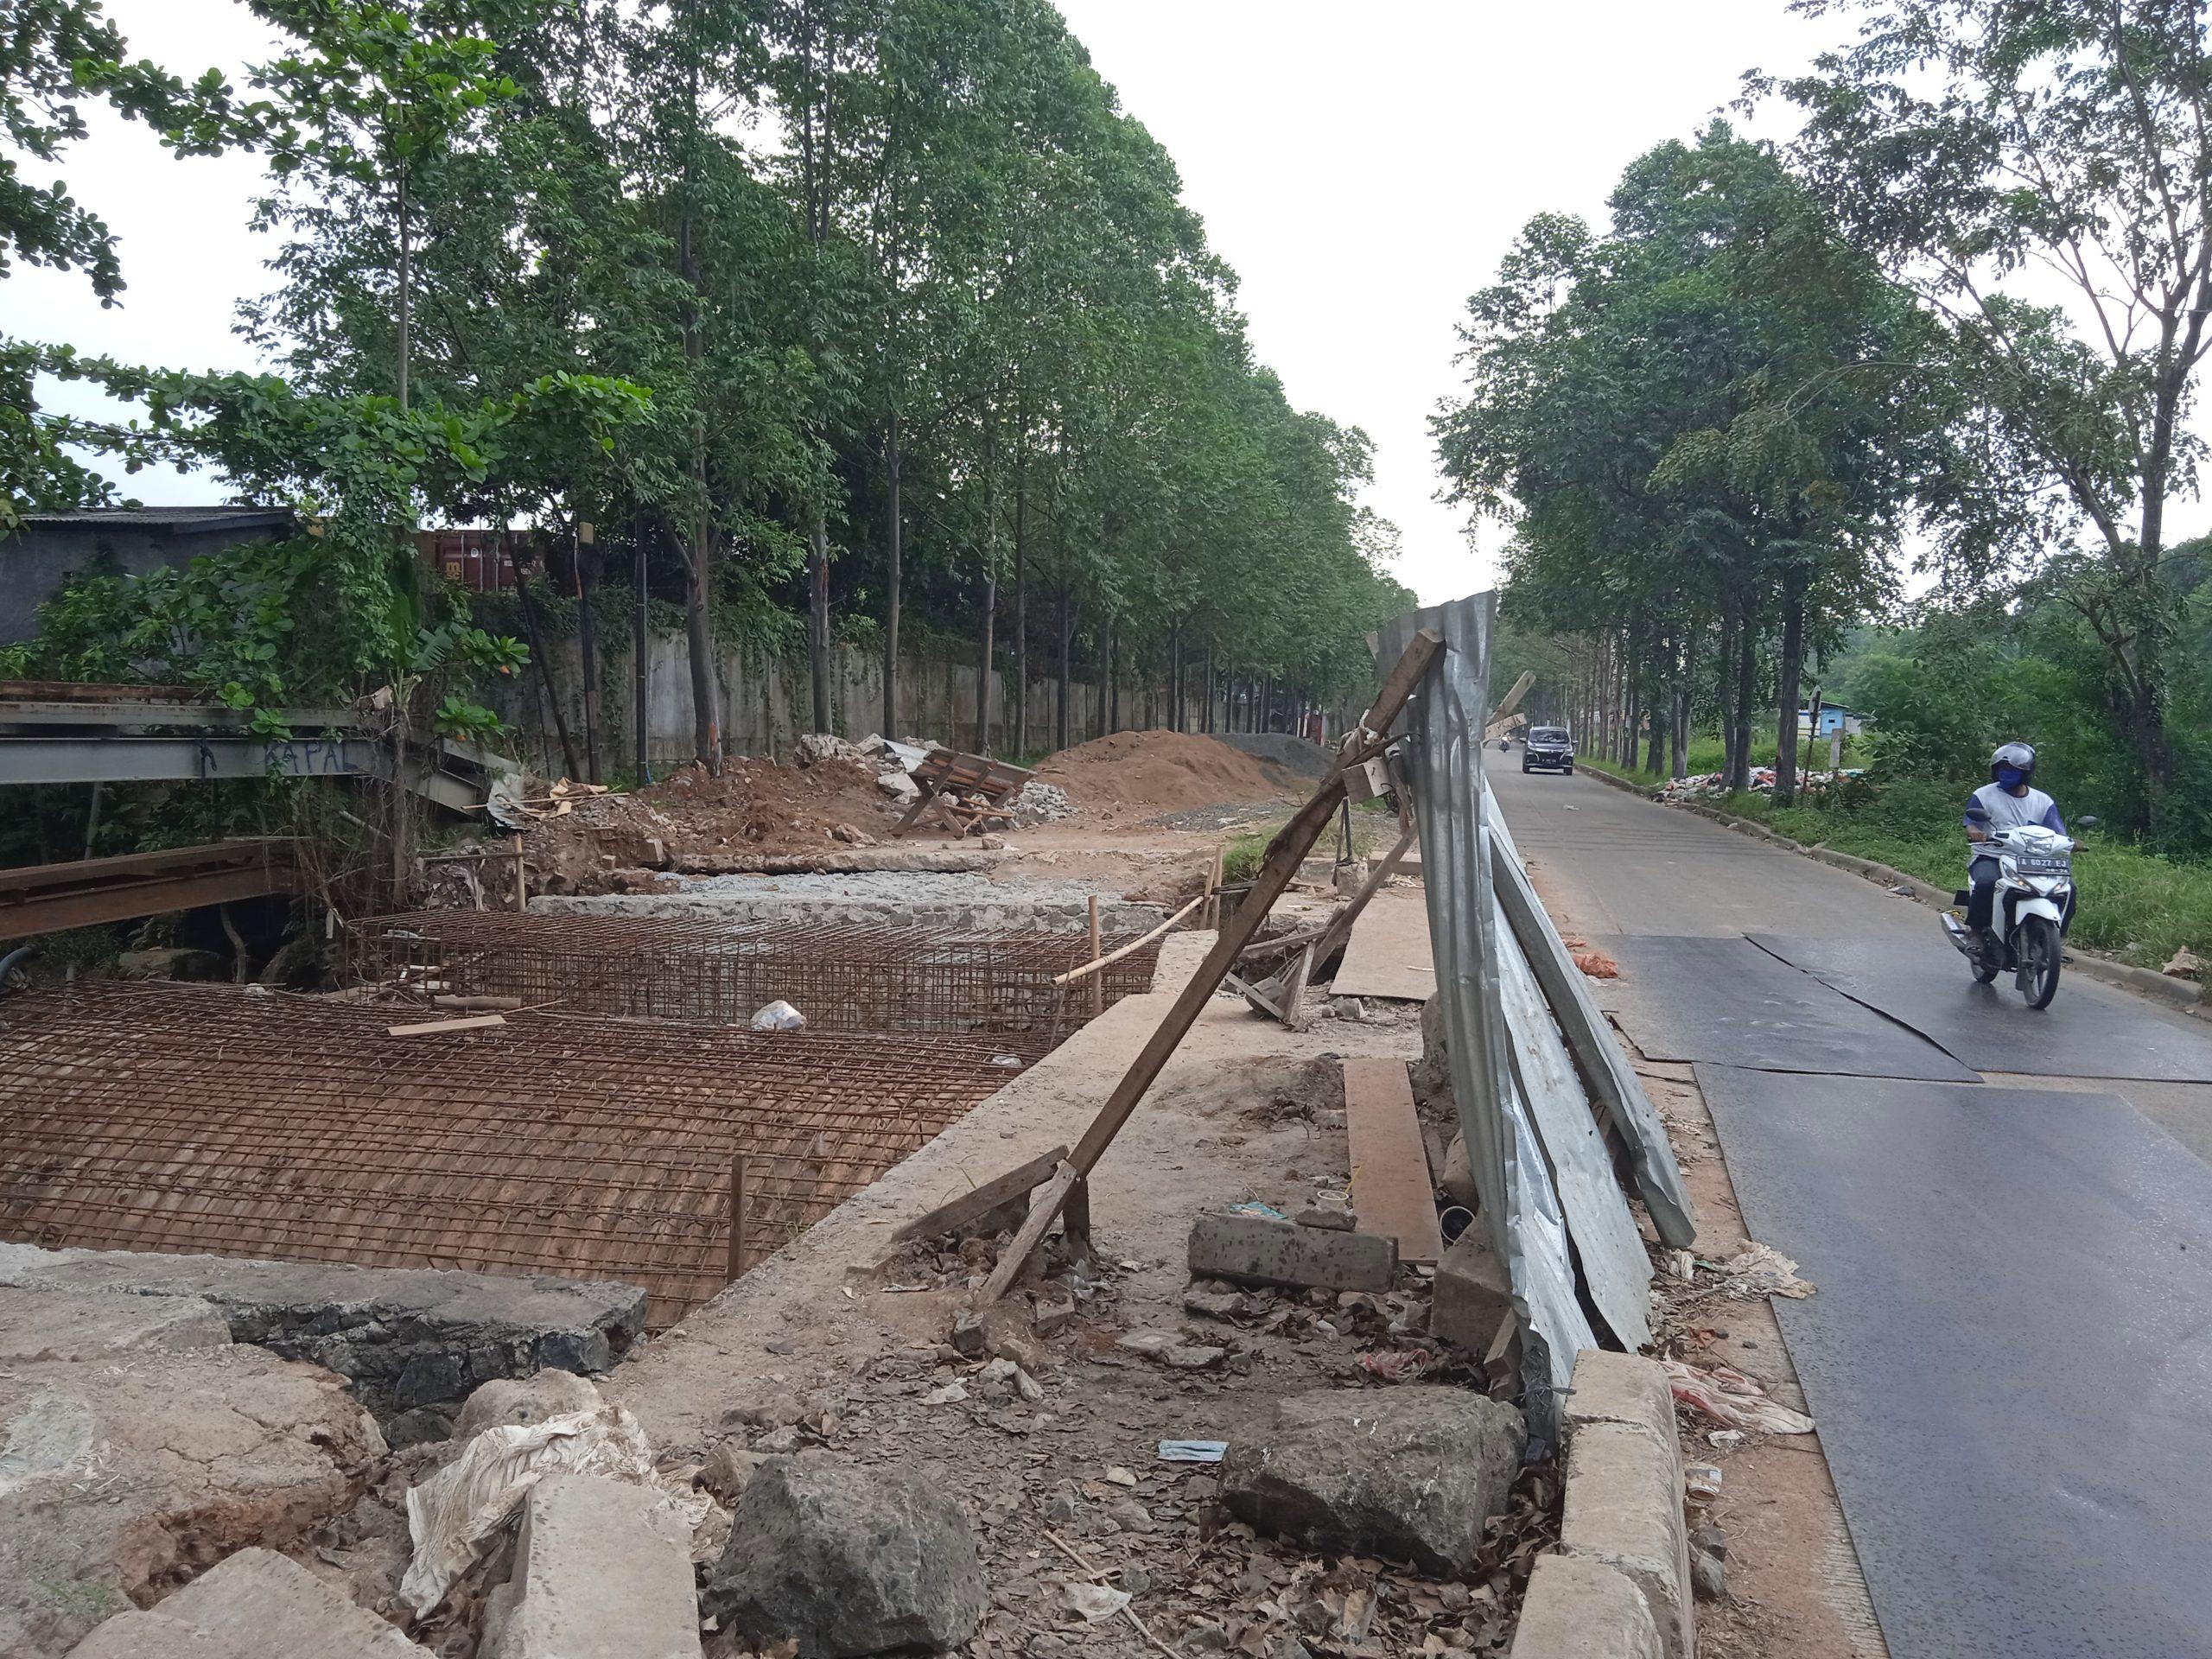 Proyek Jembatan Mangkrak di Kawasan Olek Sudah Sering Makan Korban, Kenapa Dibiarkan?